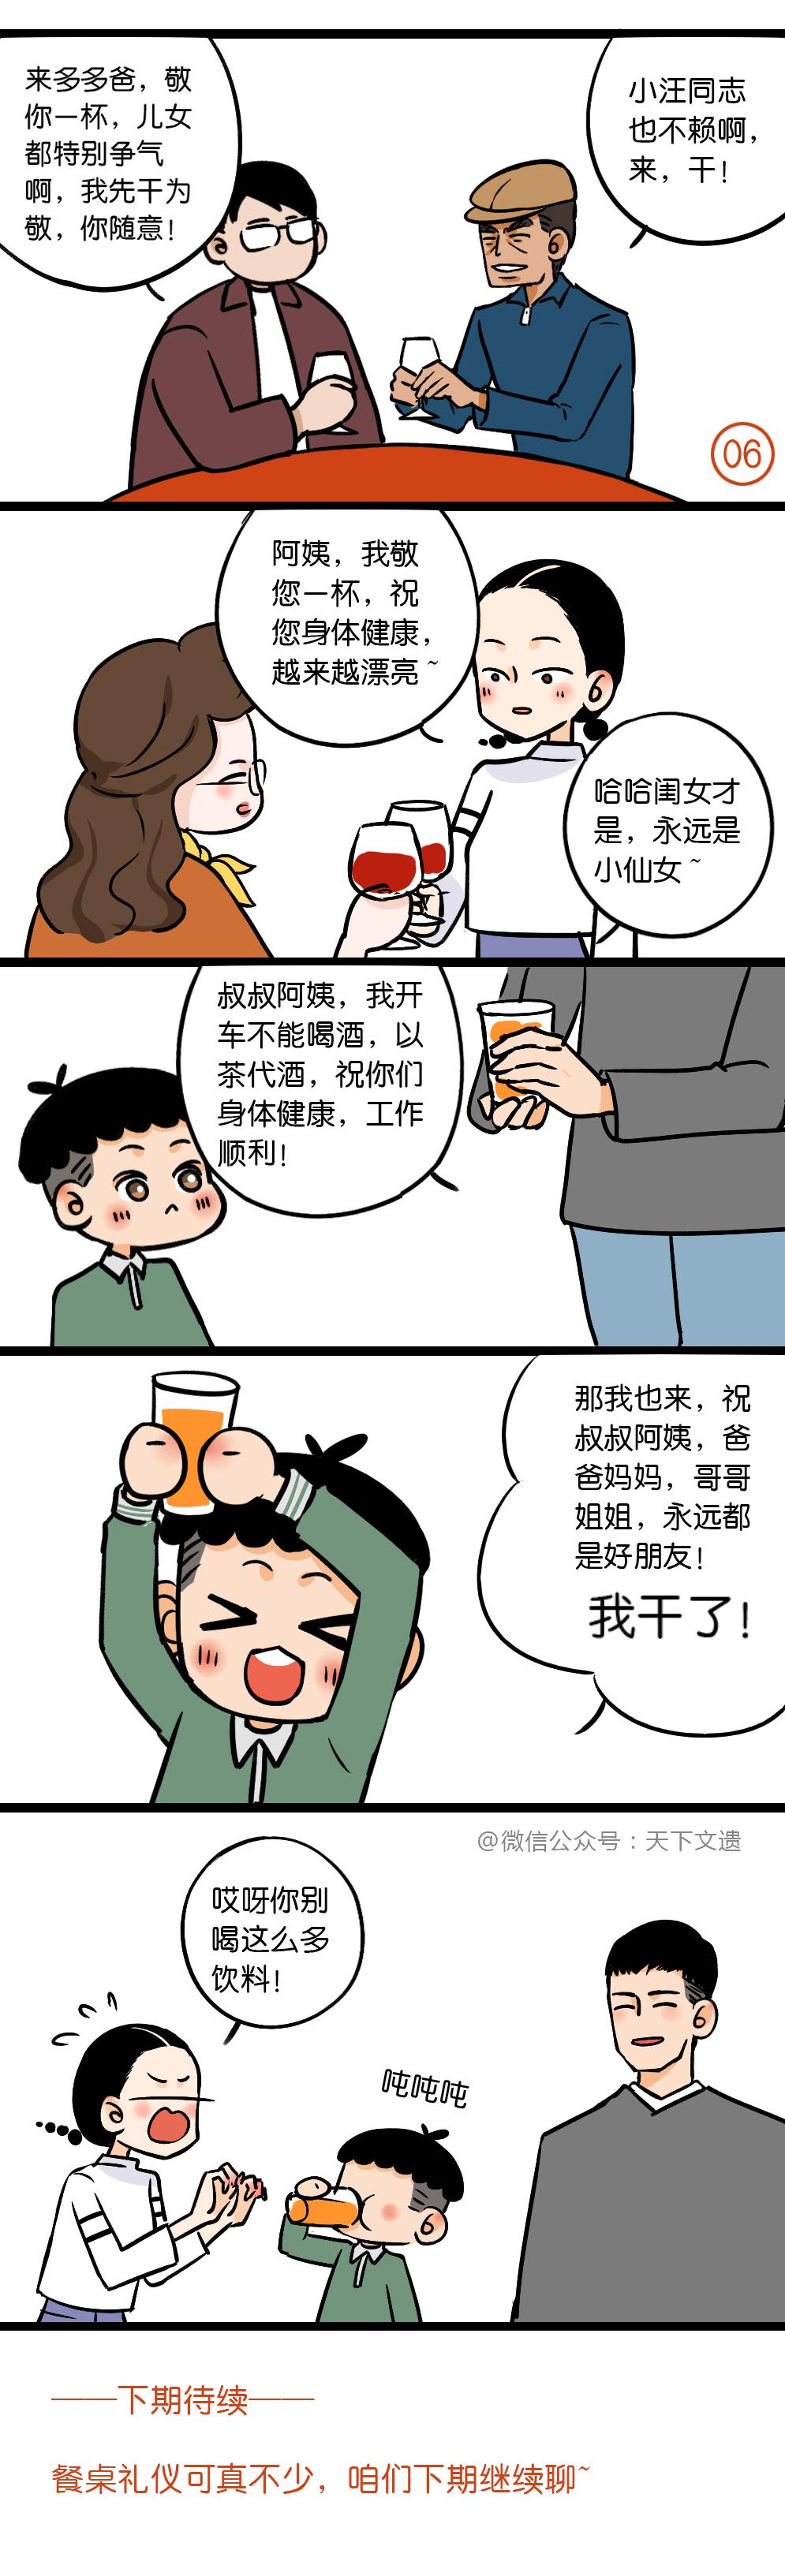 漫画04.jpg